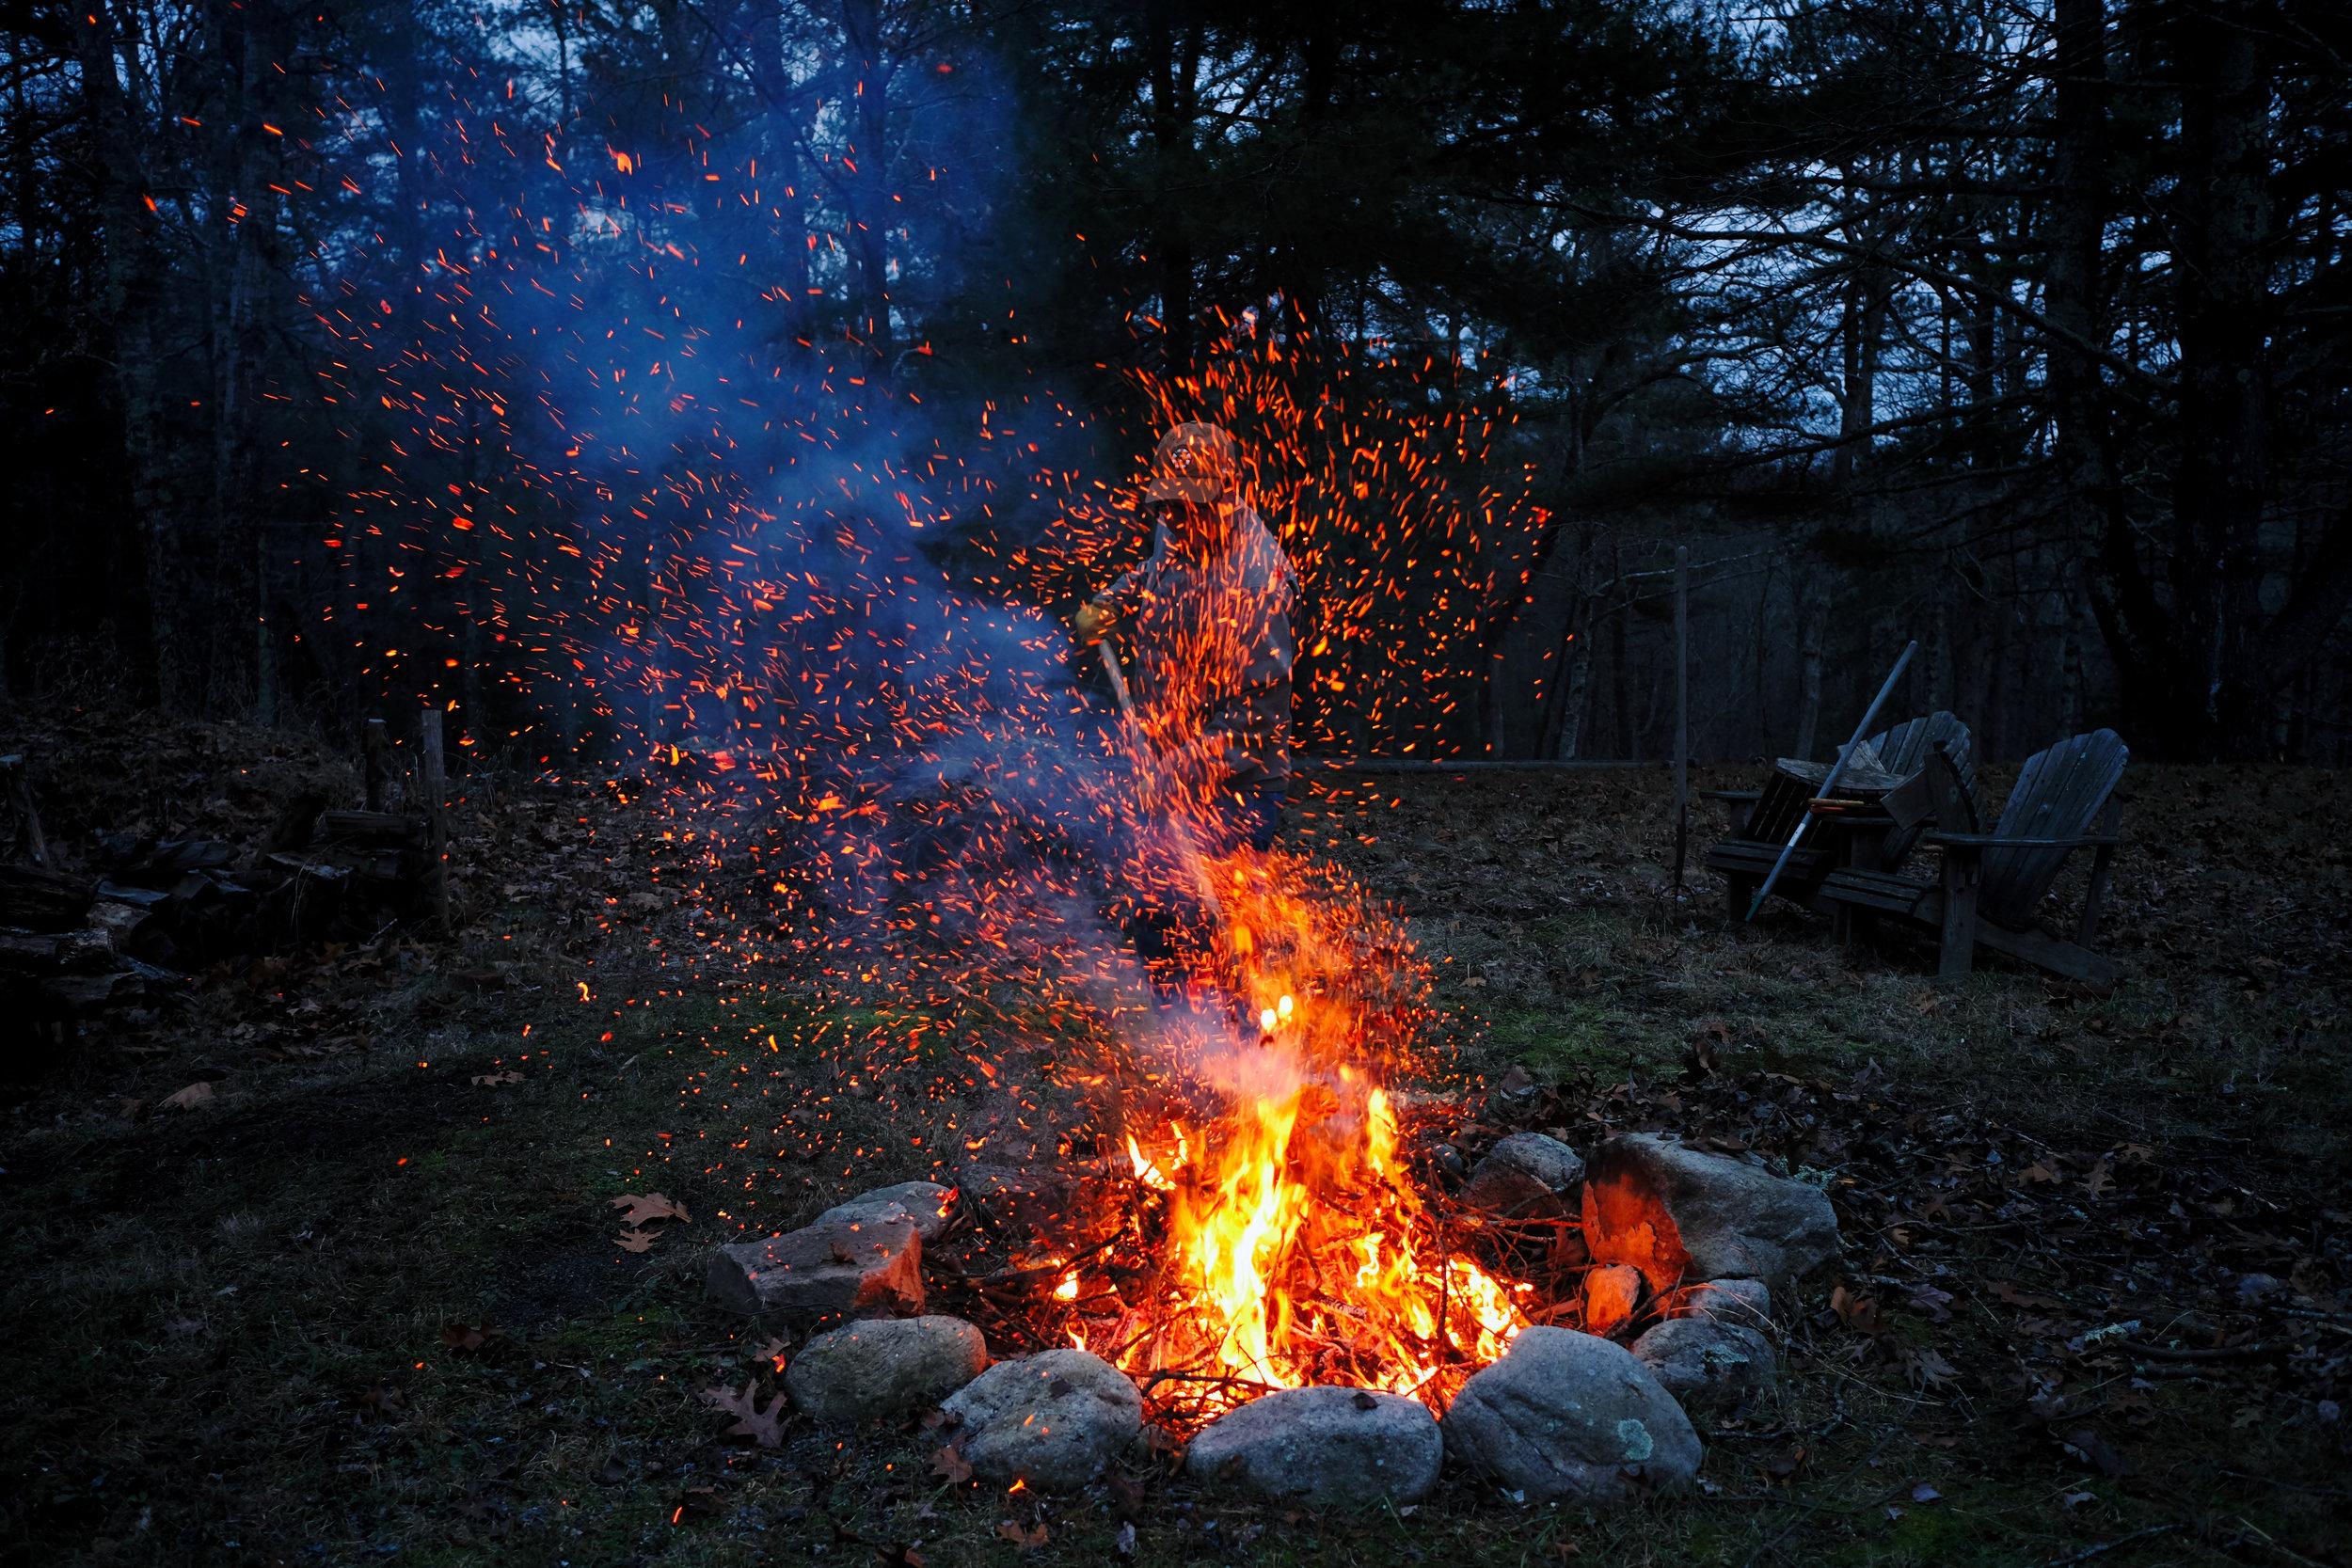 fire_pit.jpeg